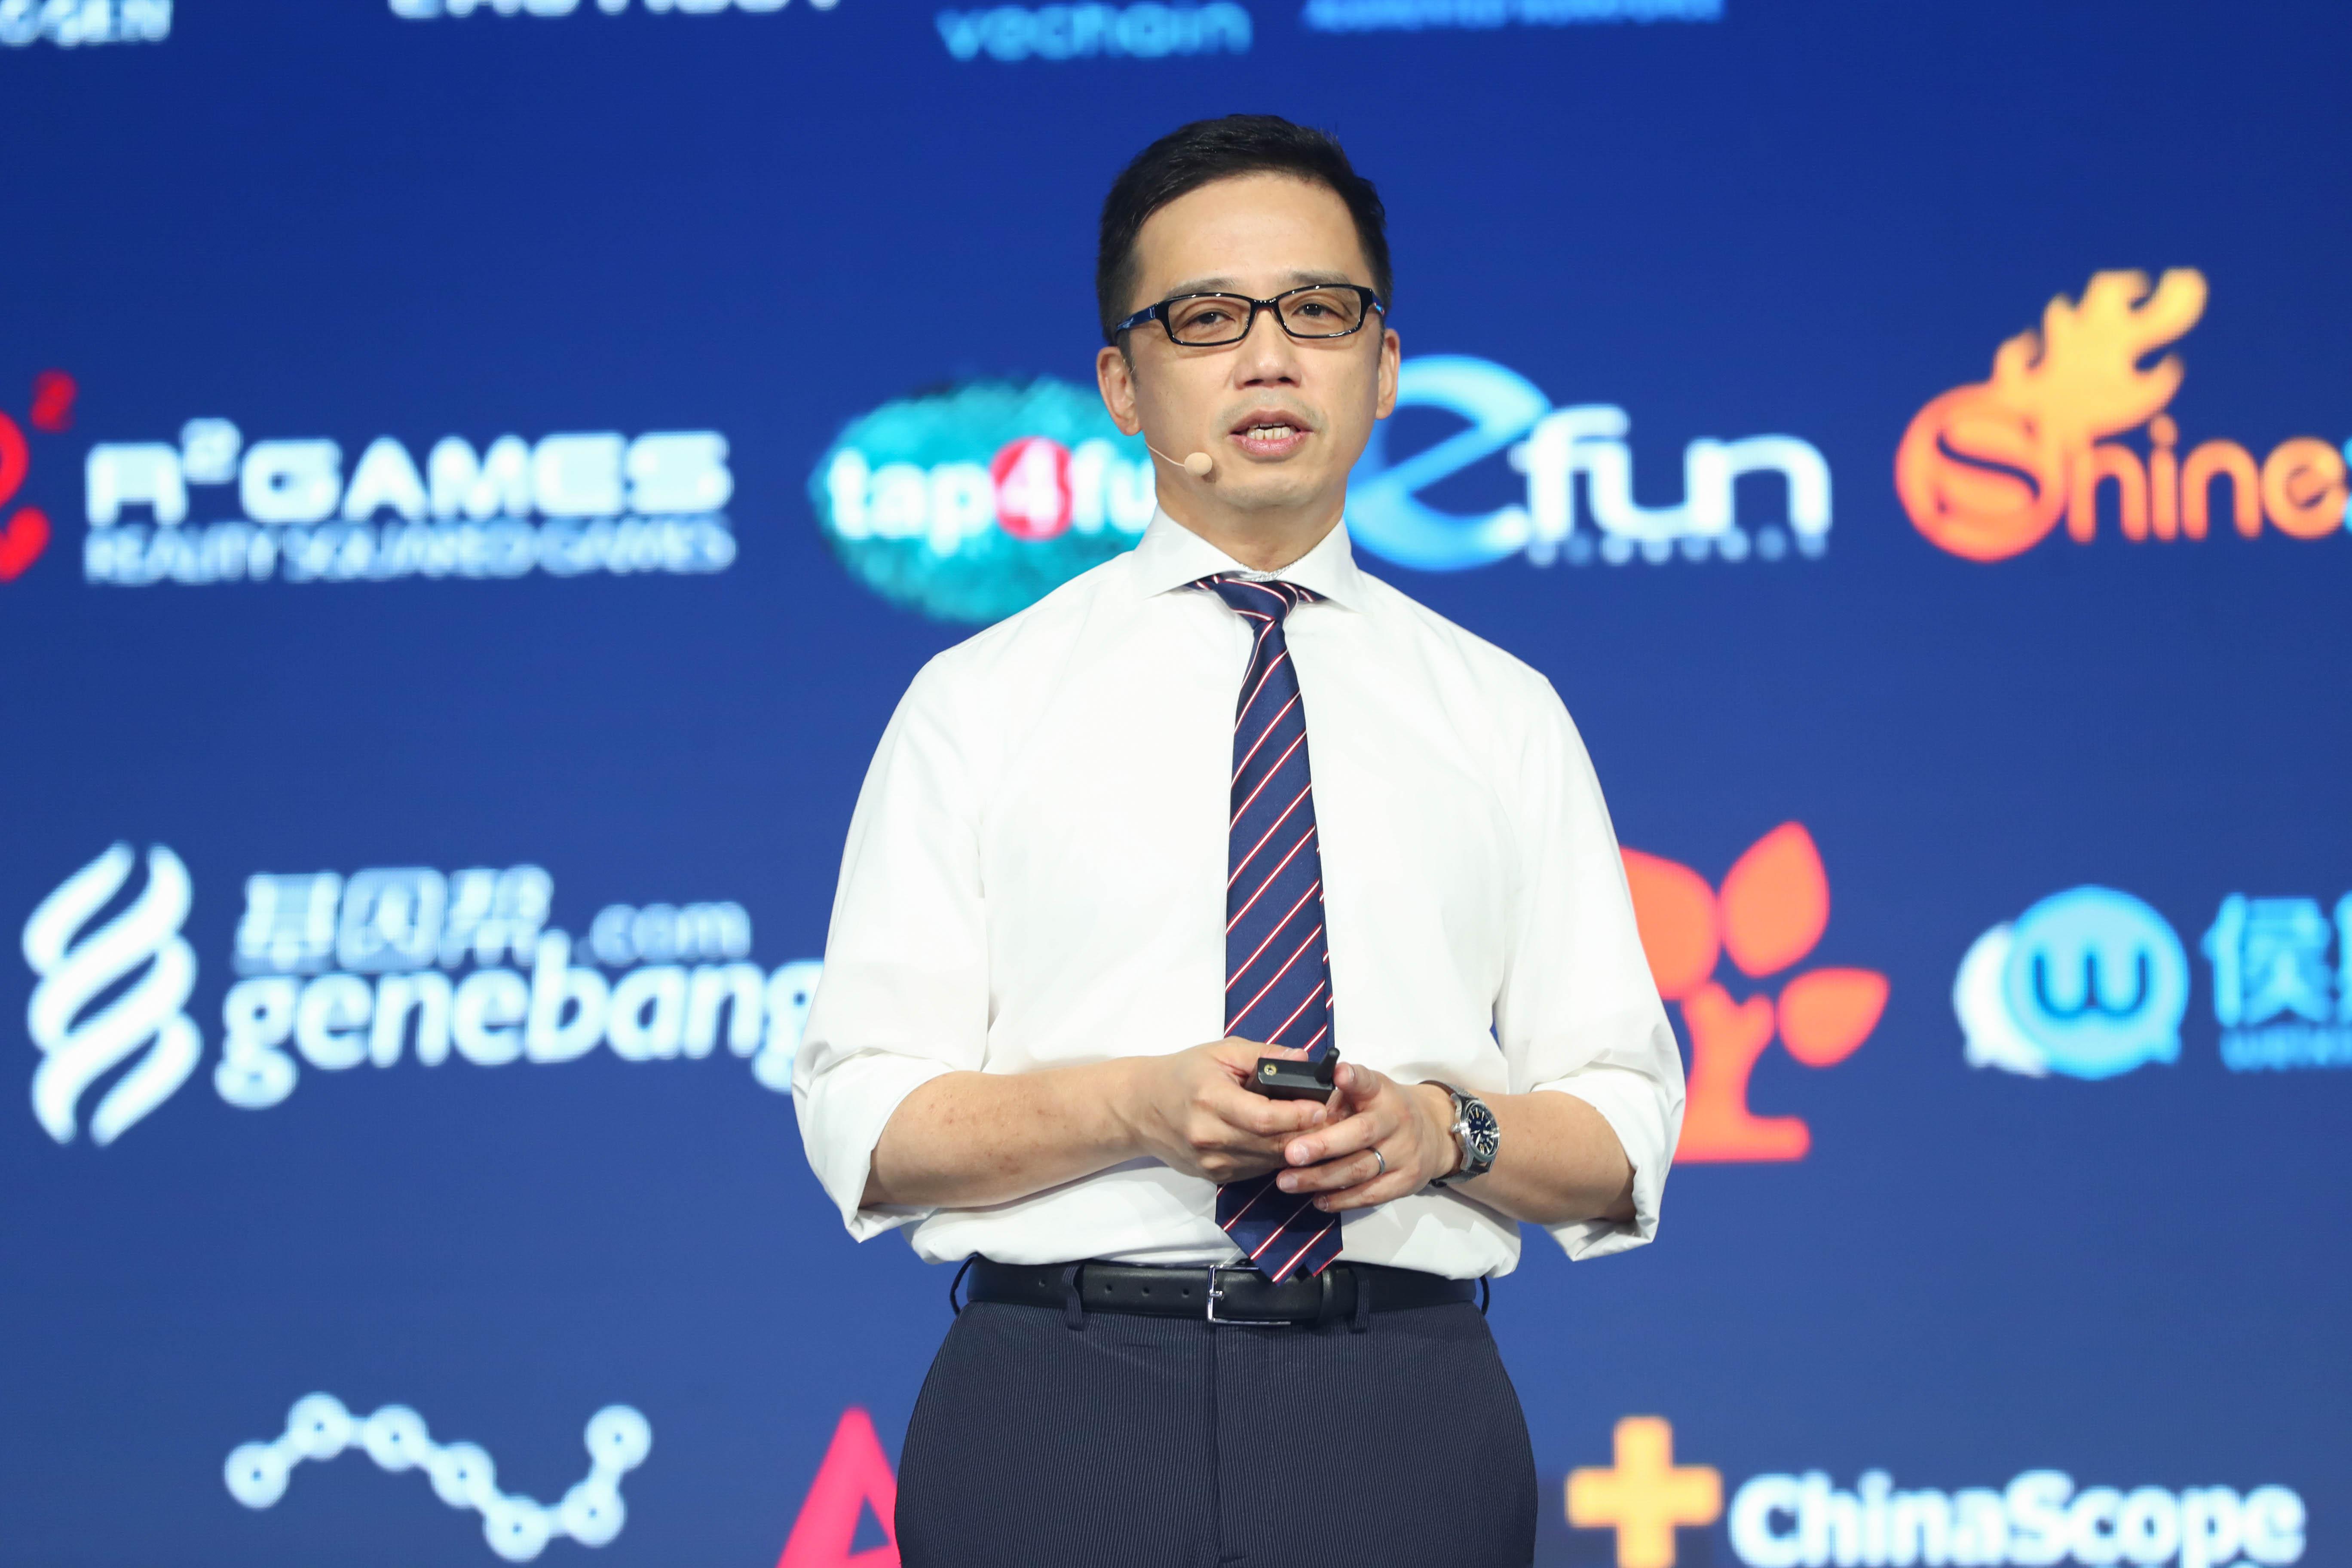 中国公有云市场的大玩家AWS